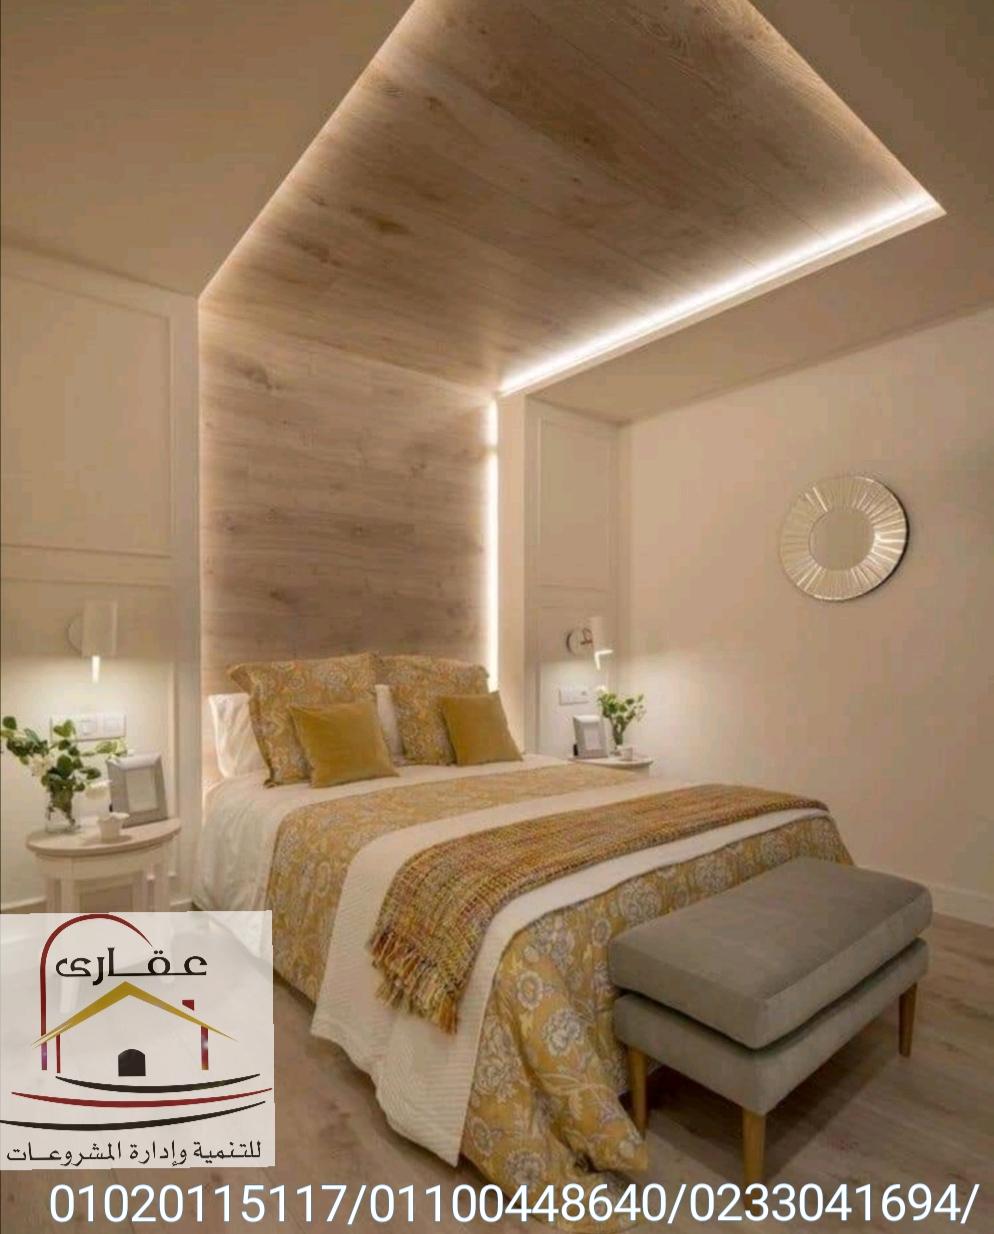 غرف نوم مودرن / غرف نوم حديثة / تصاميم حديثة ل غرف النوم / شركة عقارى  Img-2795